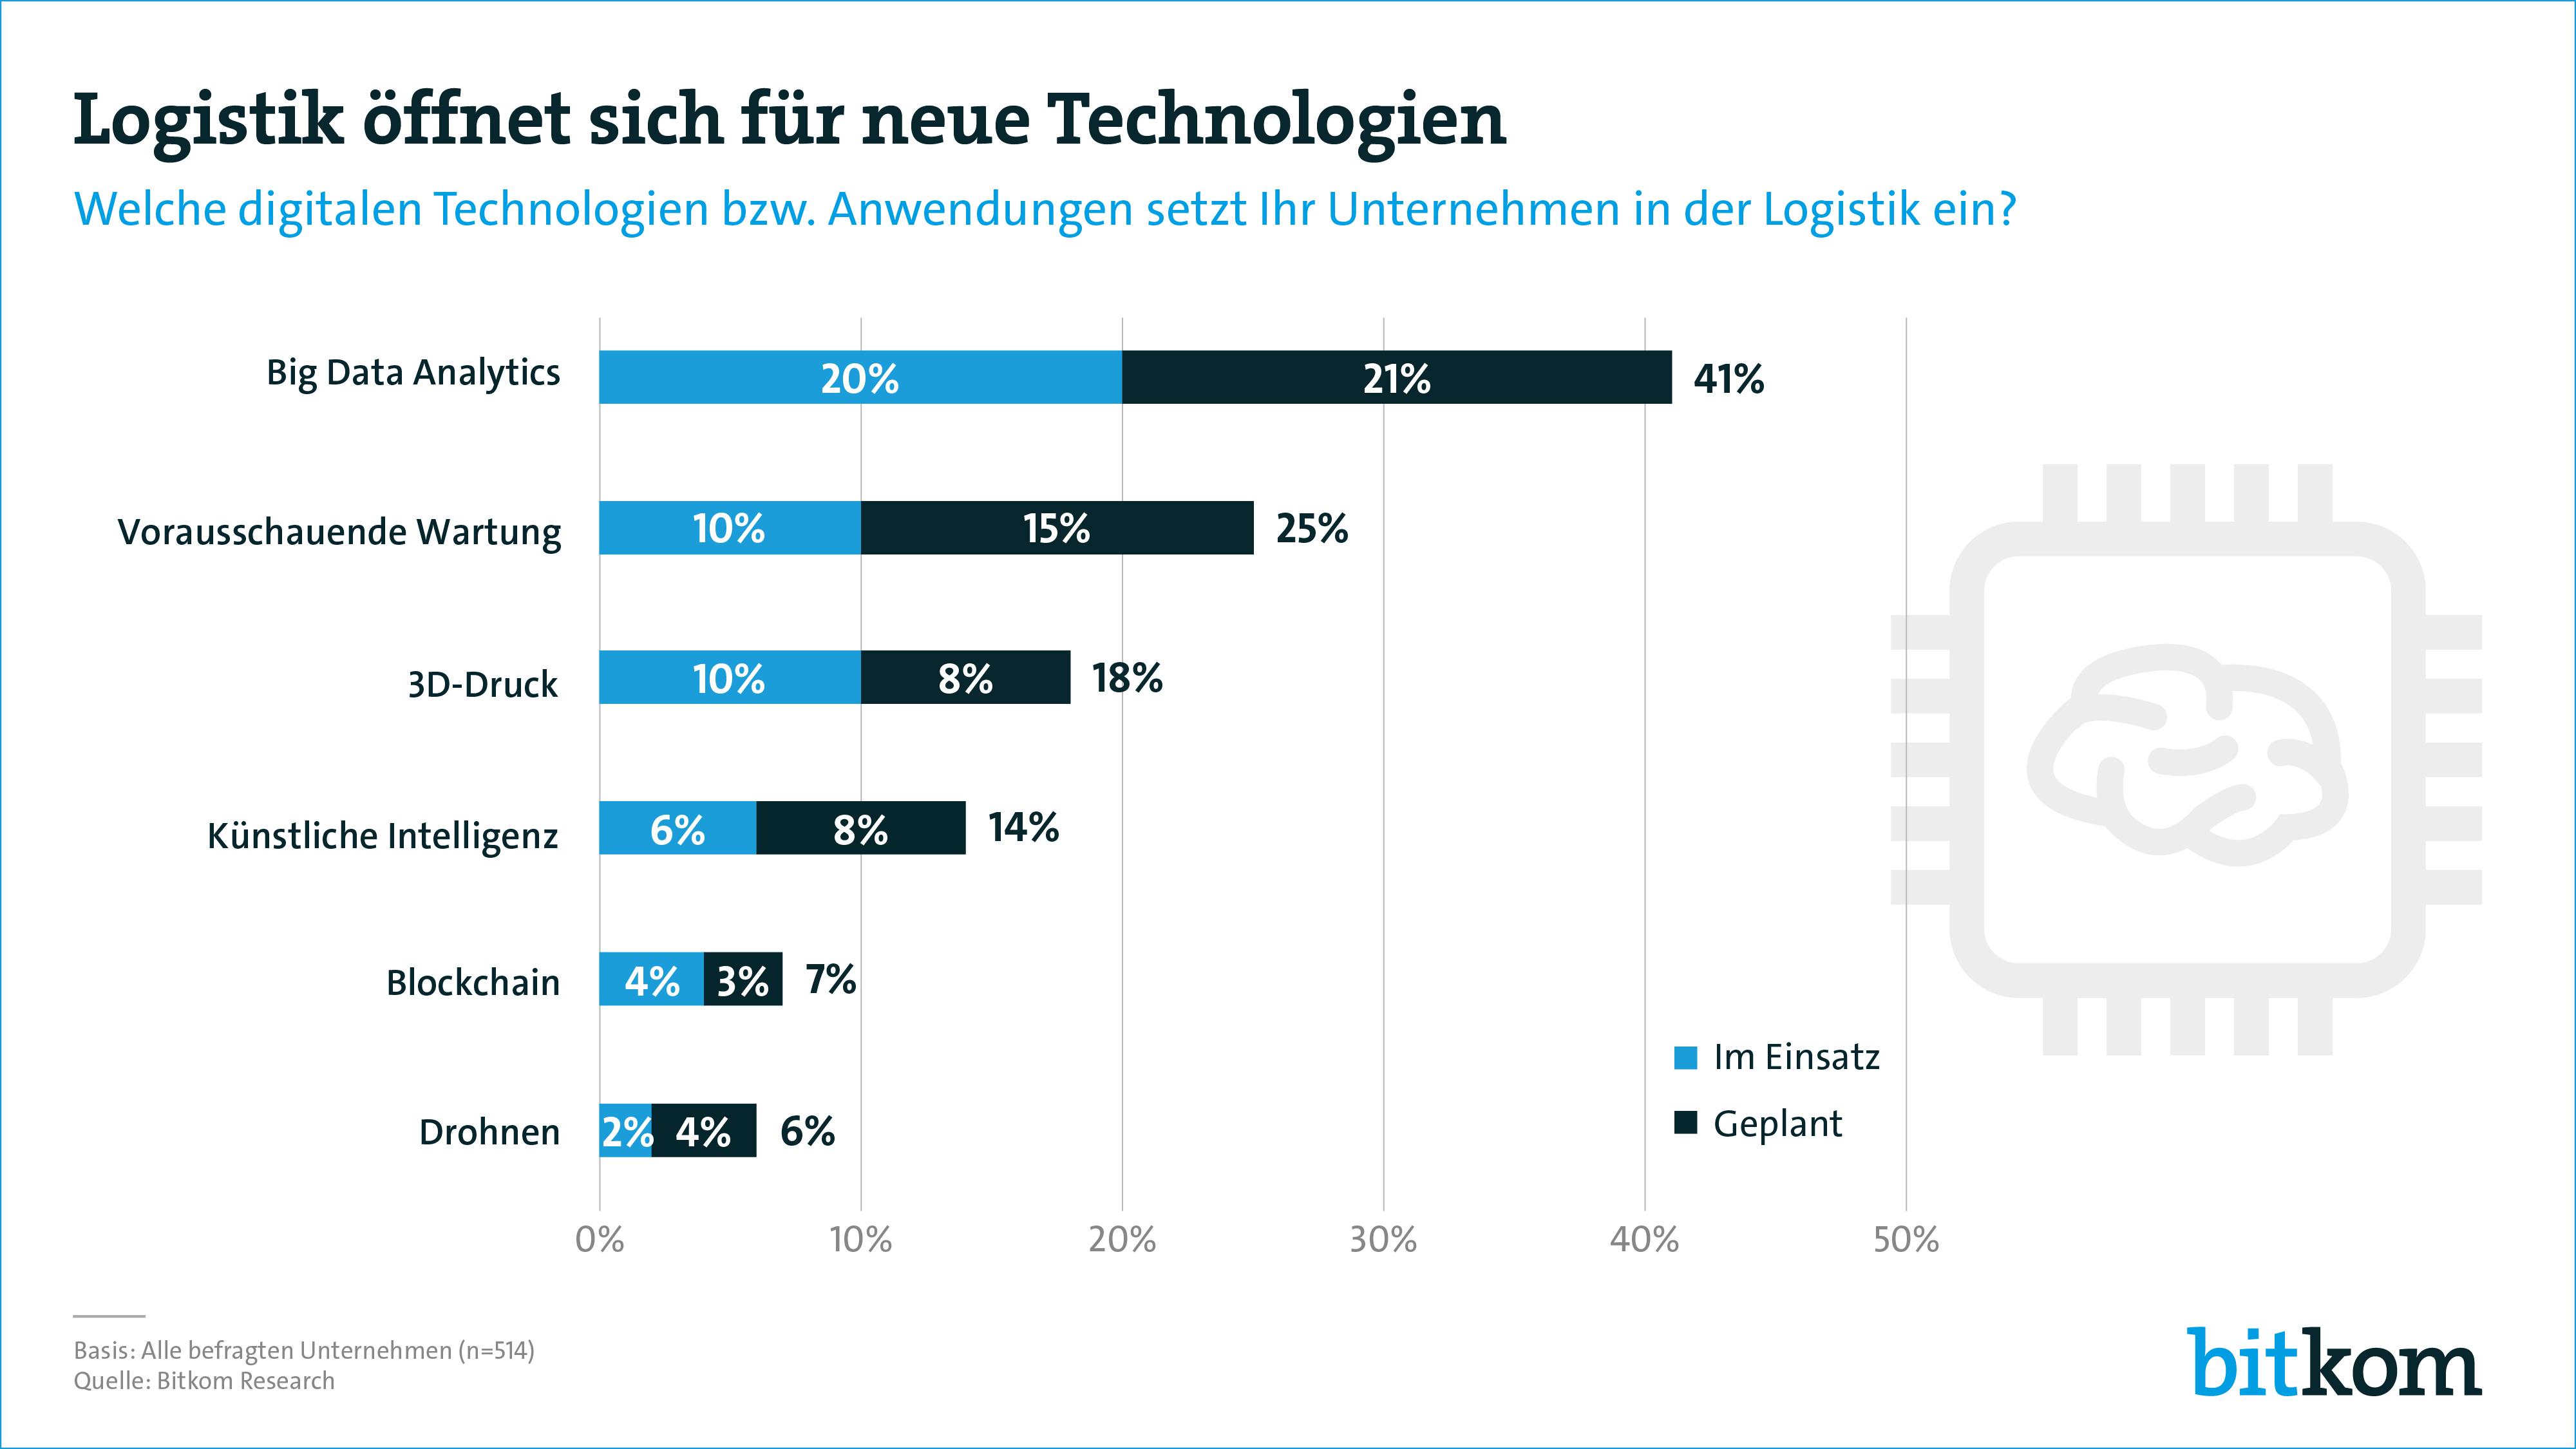 Aus der Bitkom-Studie über die Digitalisierung der Logistik bei deutschen Unternehmen ergab sich u.a., dass noch viel Handlungsbedarf besteht.